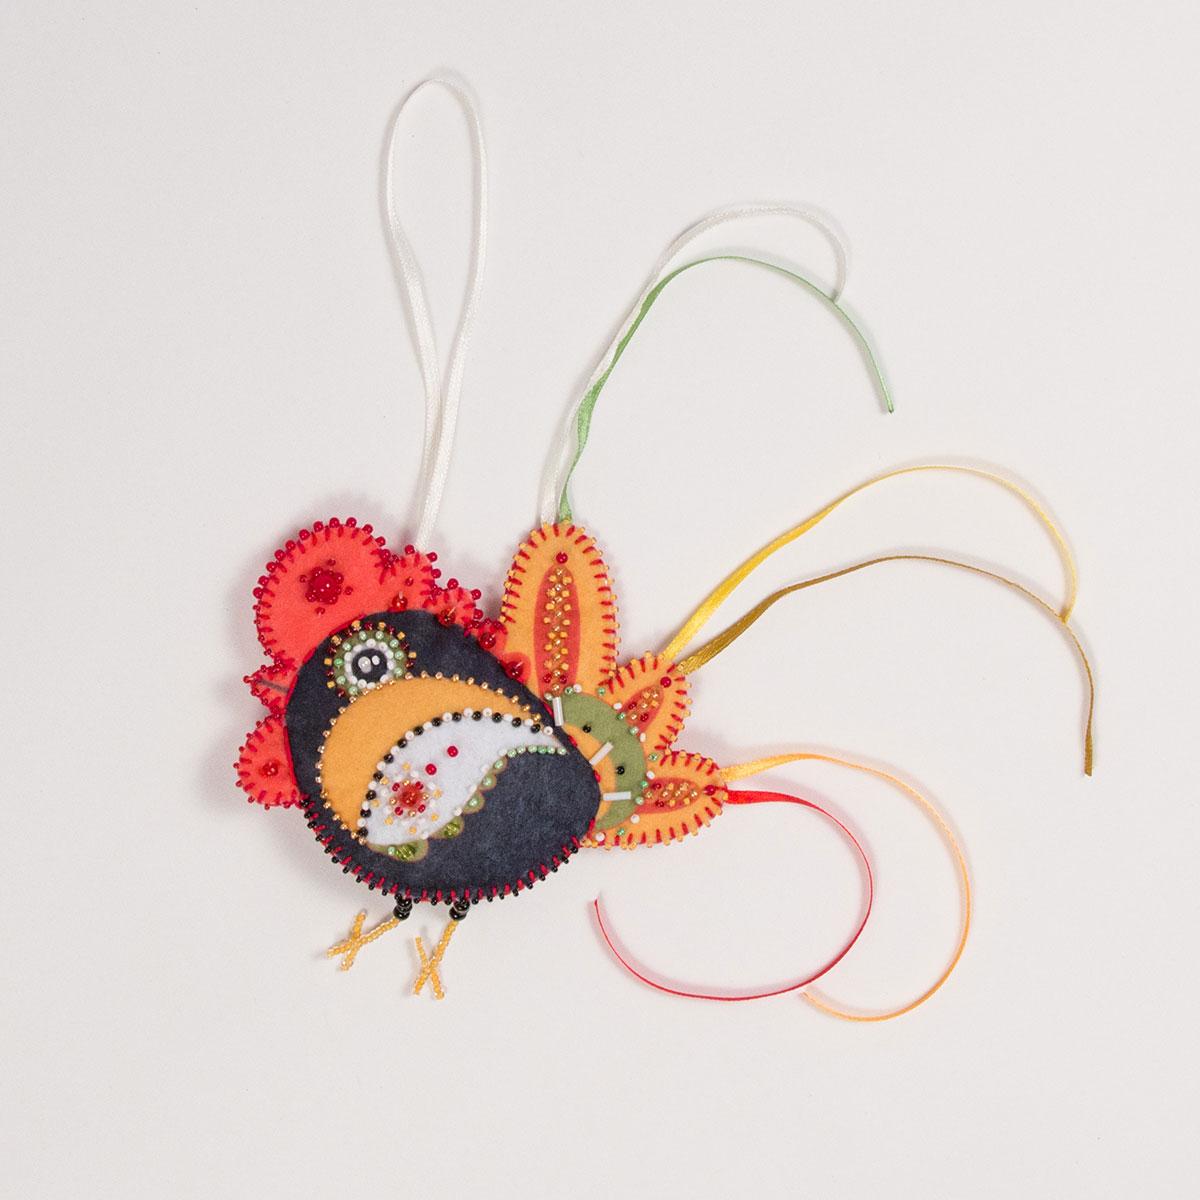 Набор для создания елочной игрушки Матренин Посад Крикун, 10 х 12 см набор для создания открытки поздравление маме матренин посад